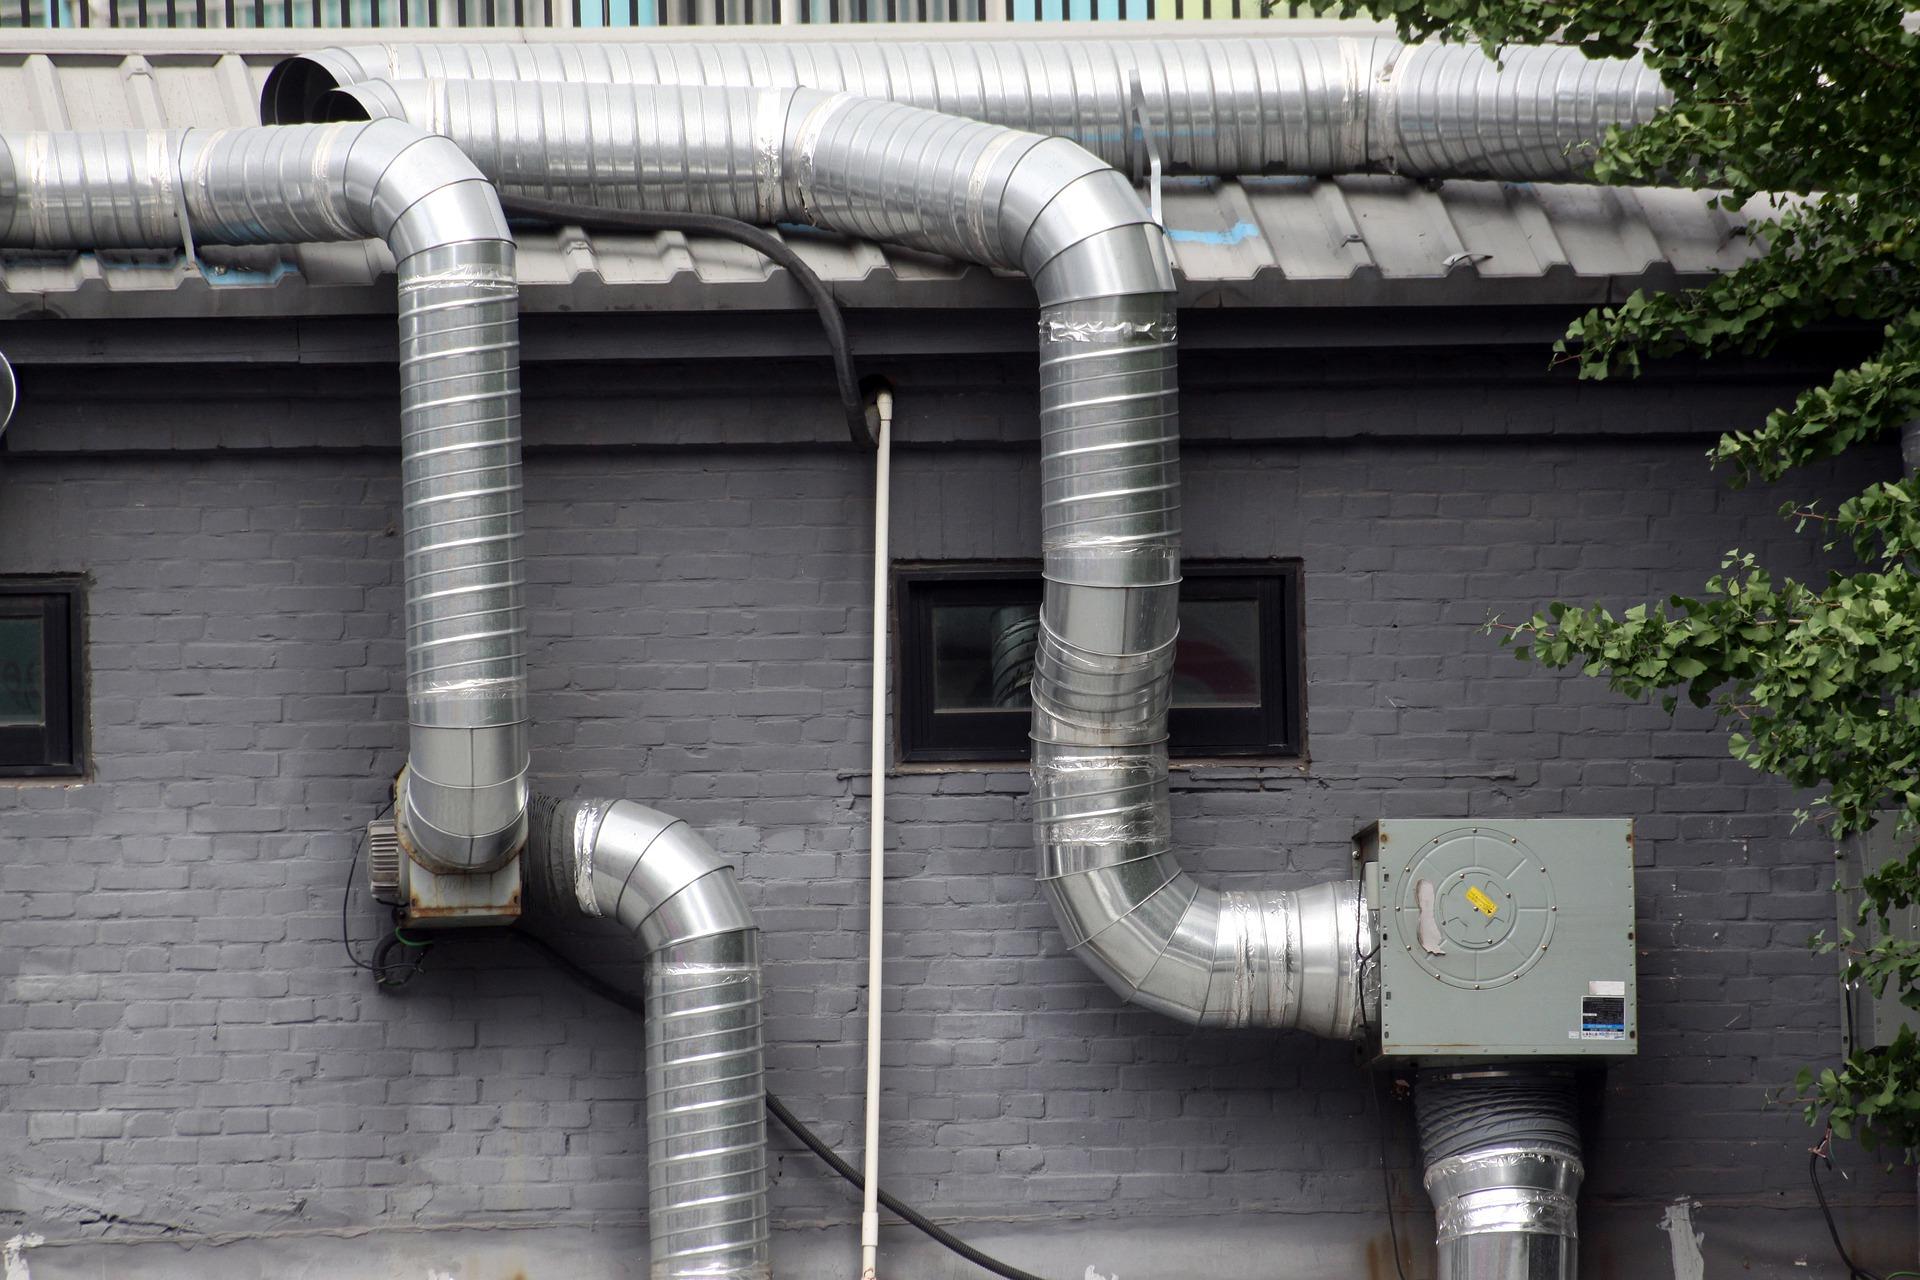 ventilatiekanaal aanleggen met spirobuizen